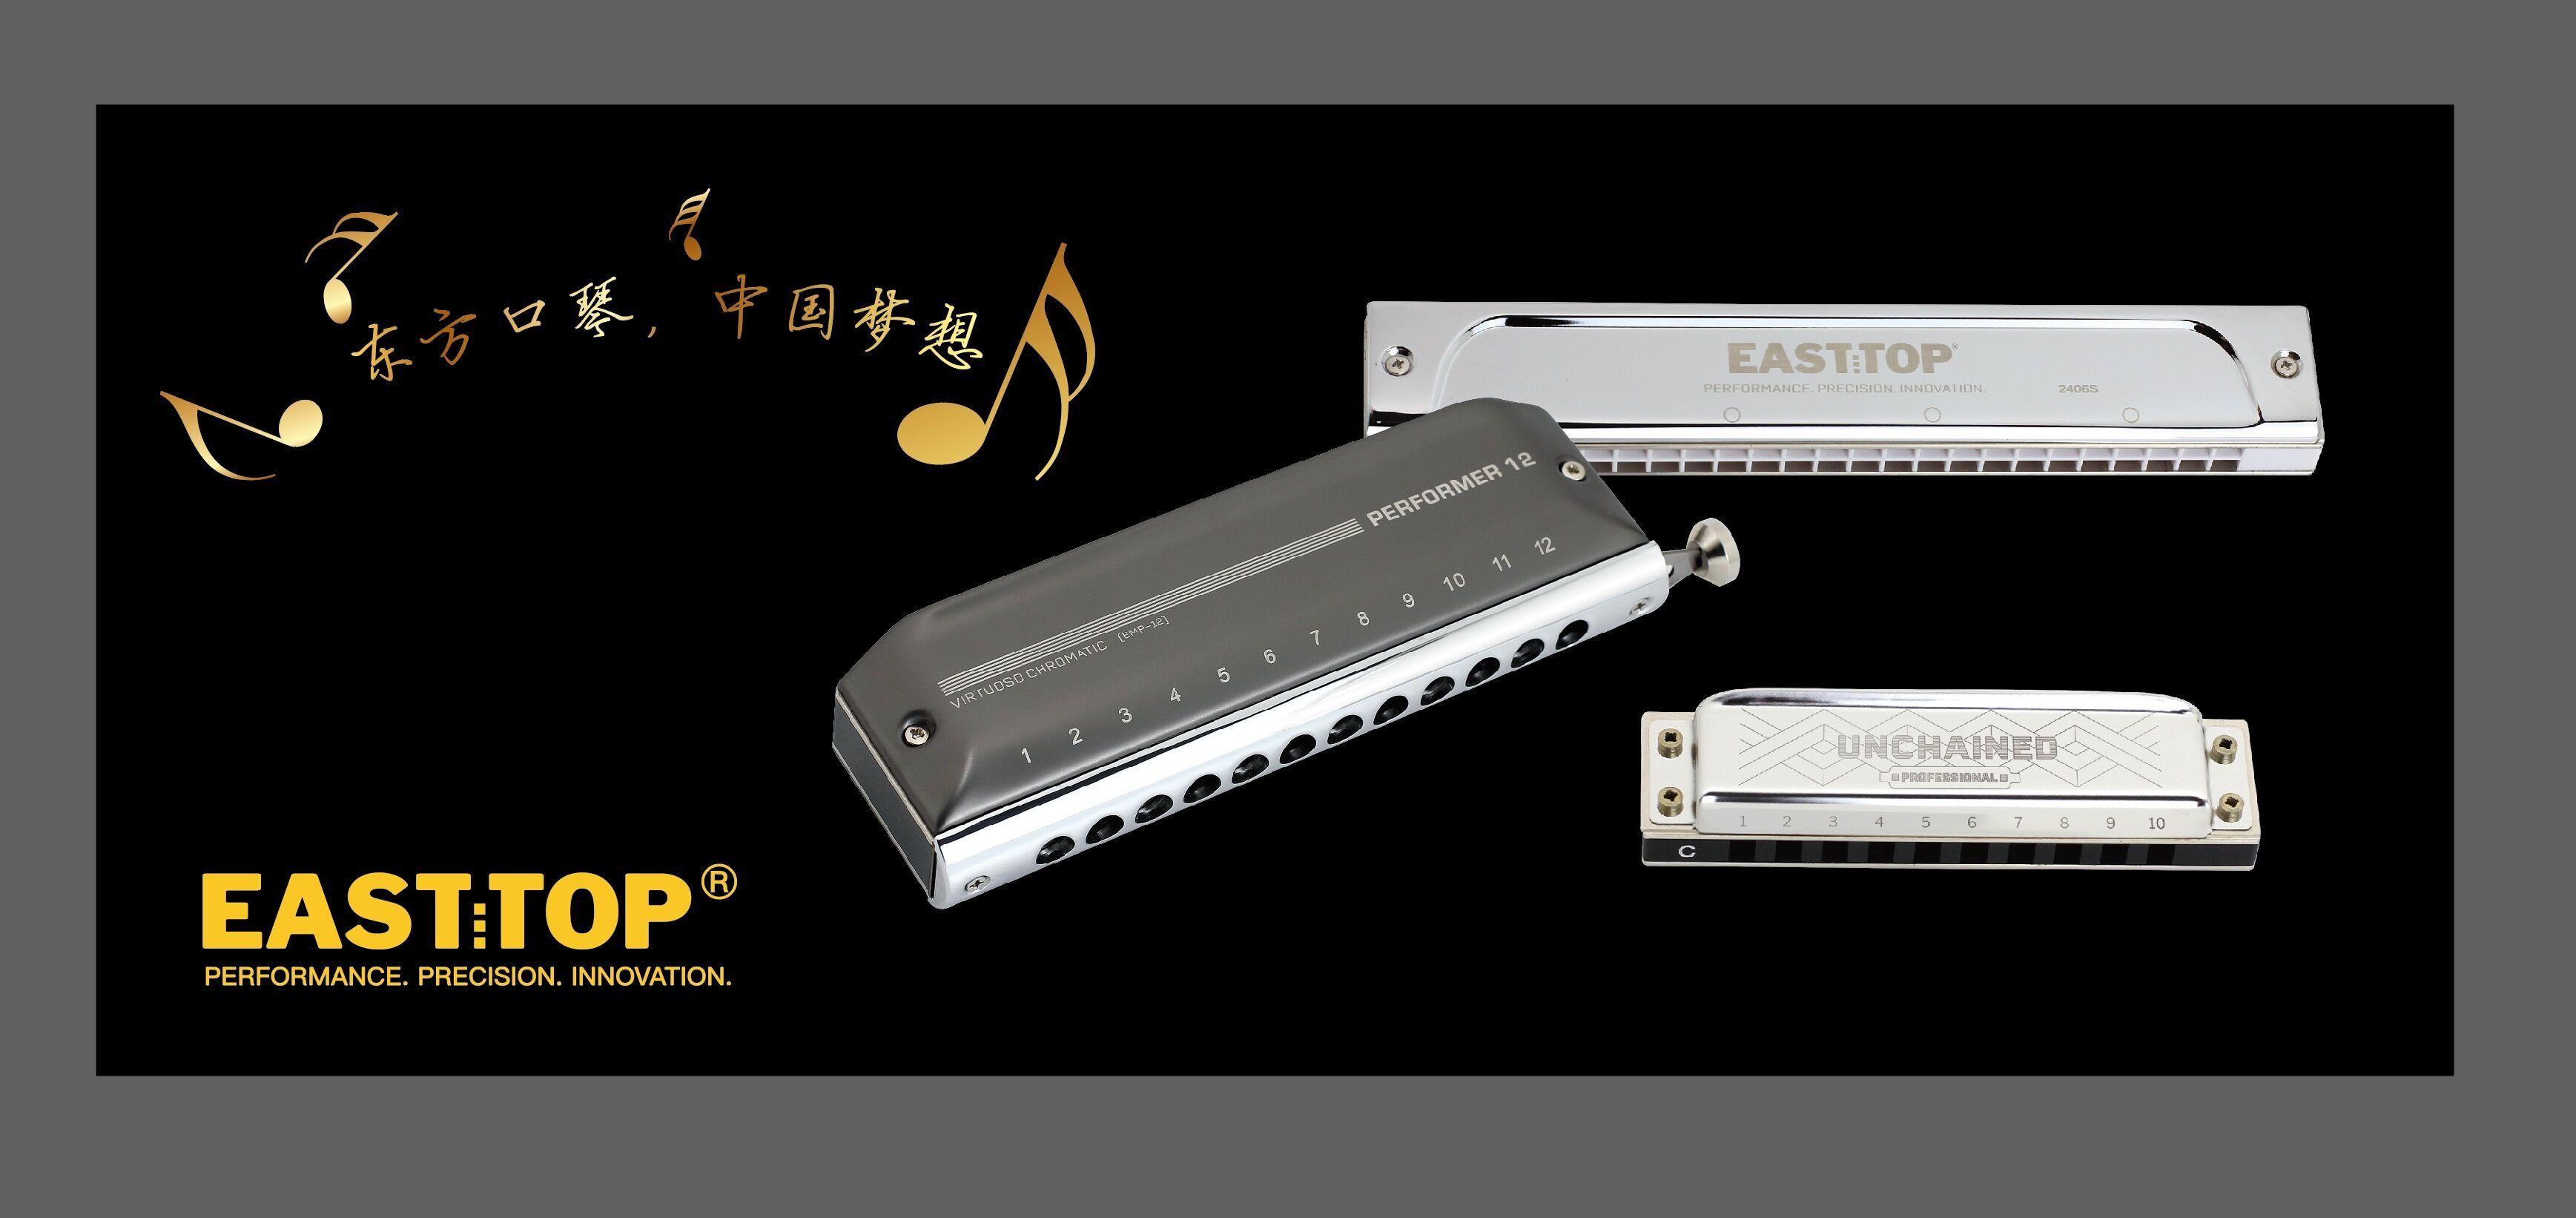 江蘇東方樂器有限公司公司介紹